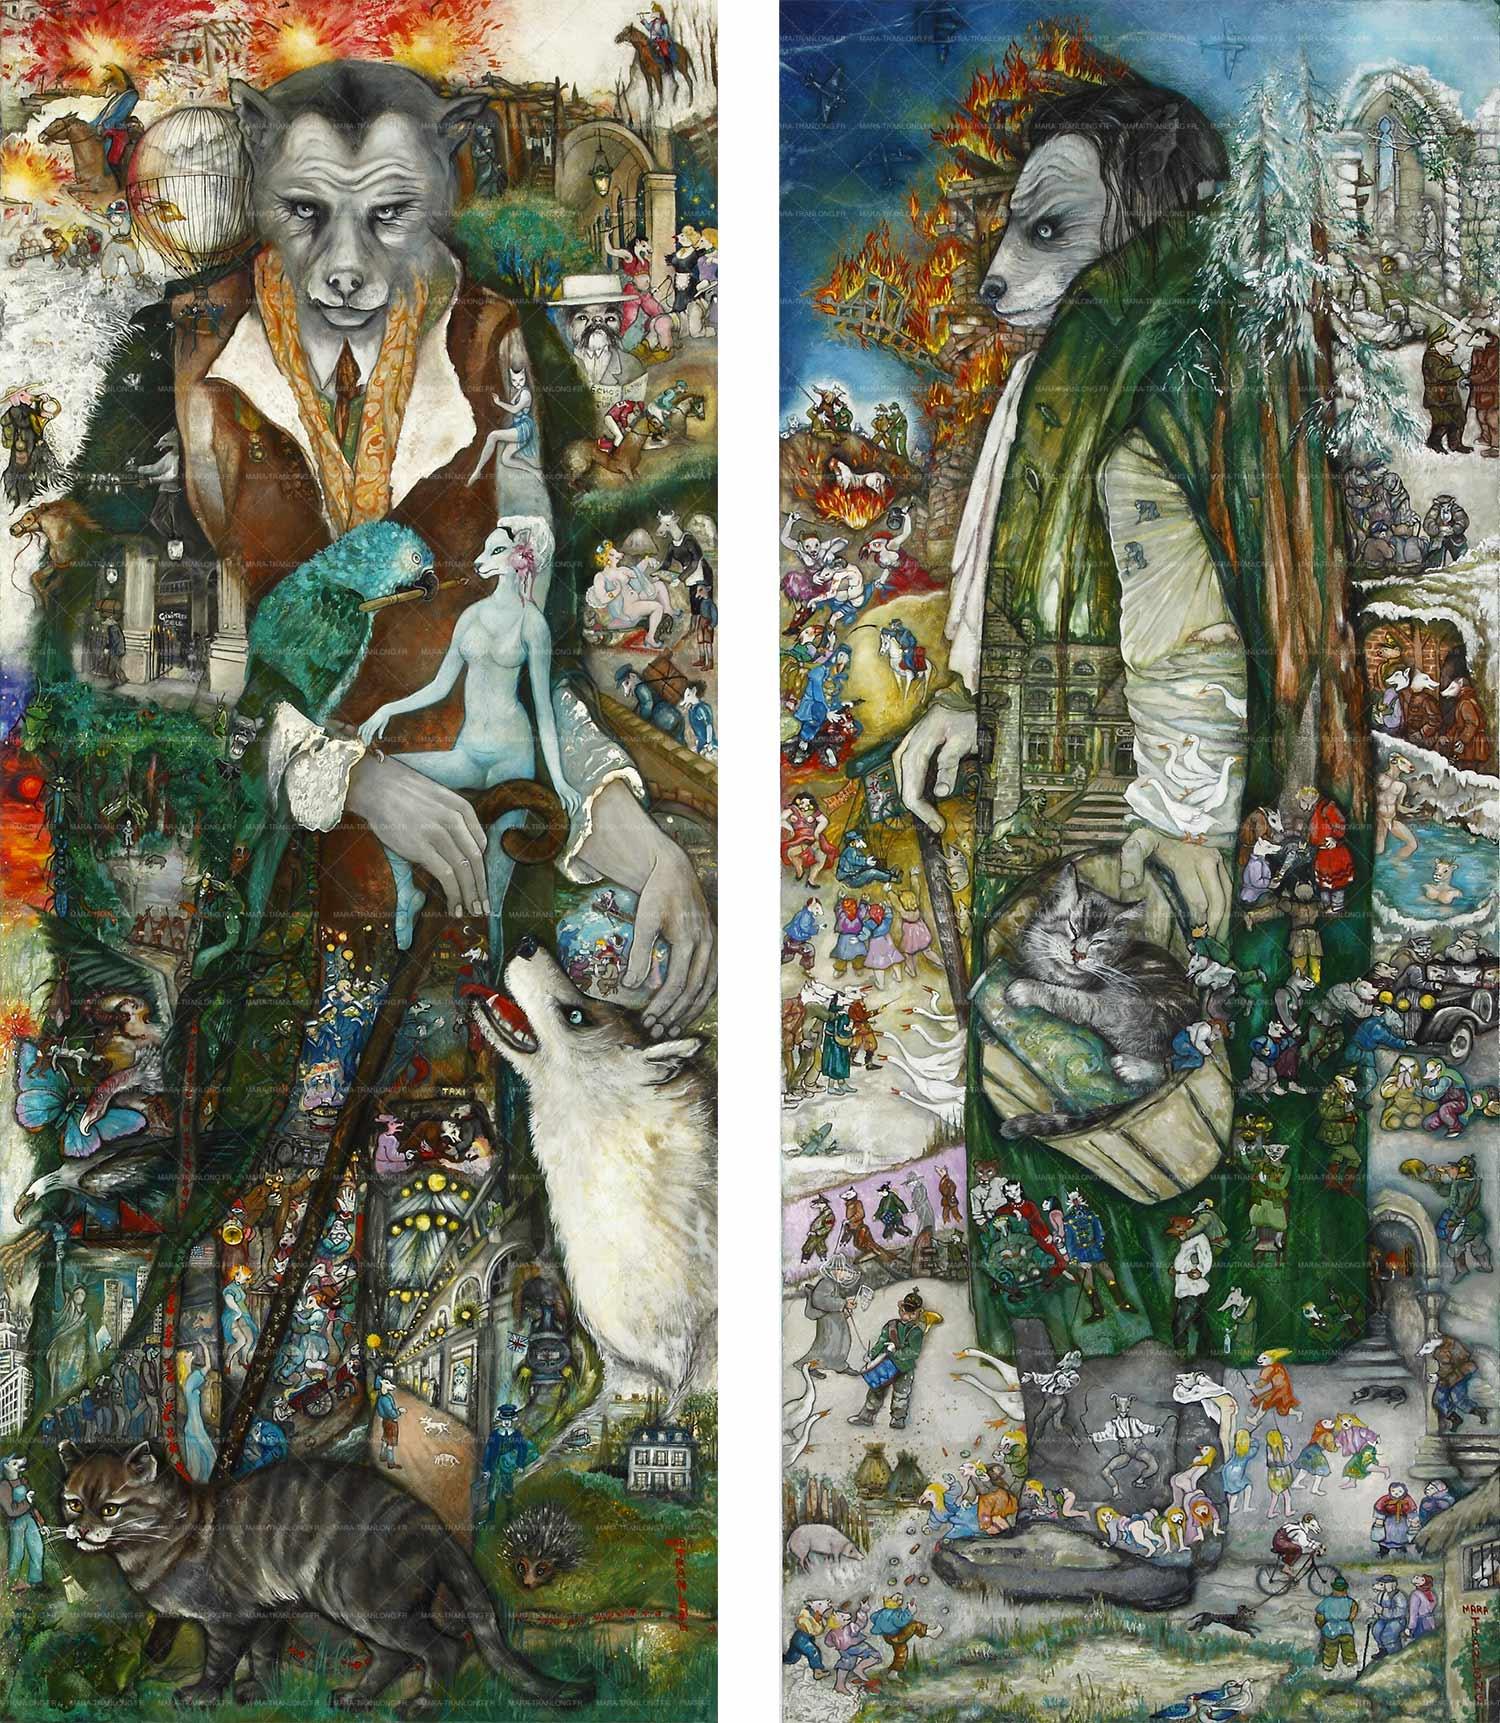 """Mara Tranlong - Collection """"Mon homage à Céline"""" - Titre : Le long voyage et Le guêpier prusco - Acrylique sur bois 50 cm x 120 cm - Année 2010 - 2011"""